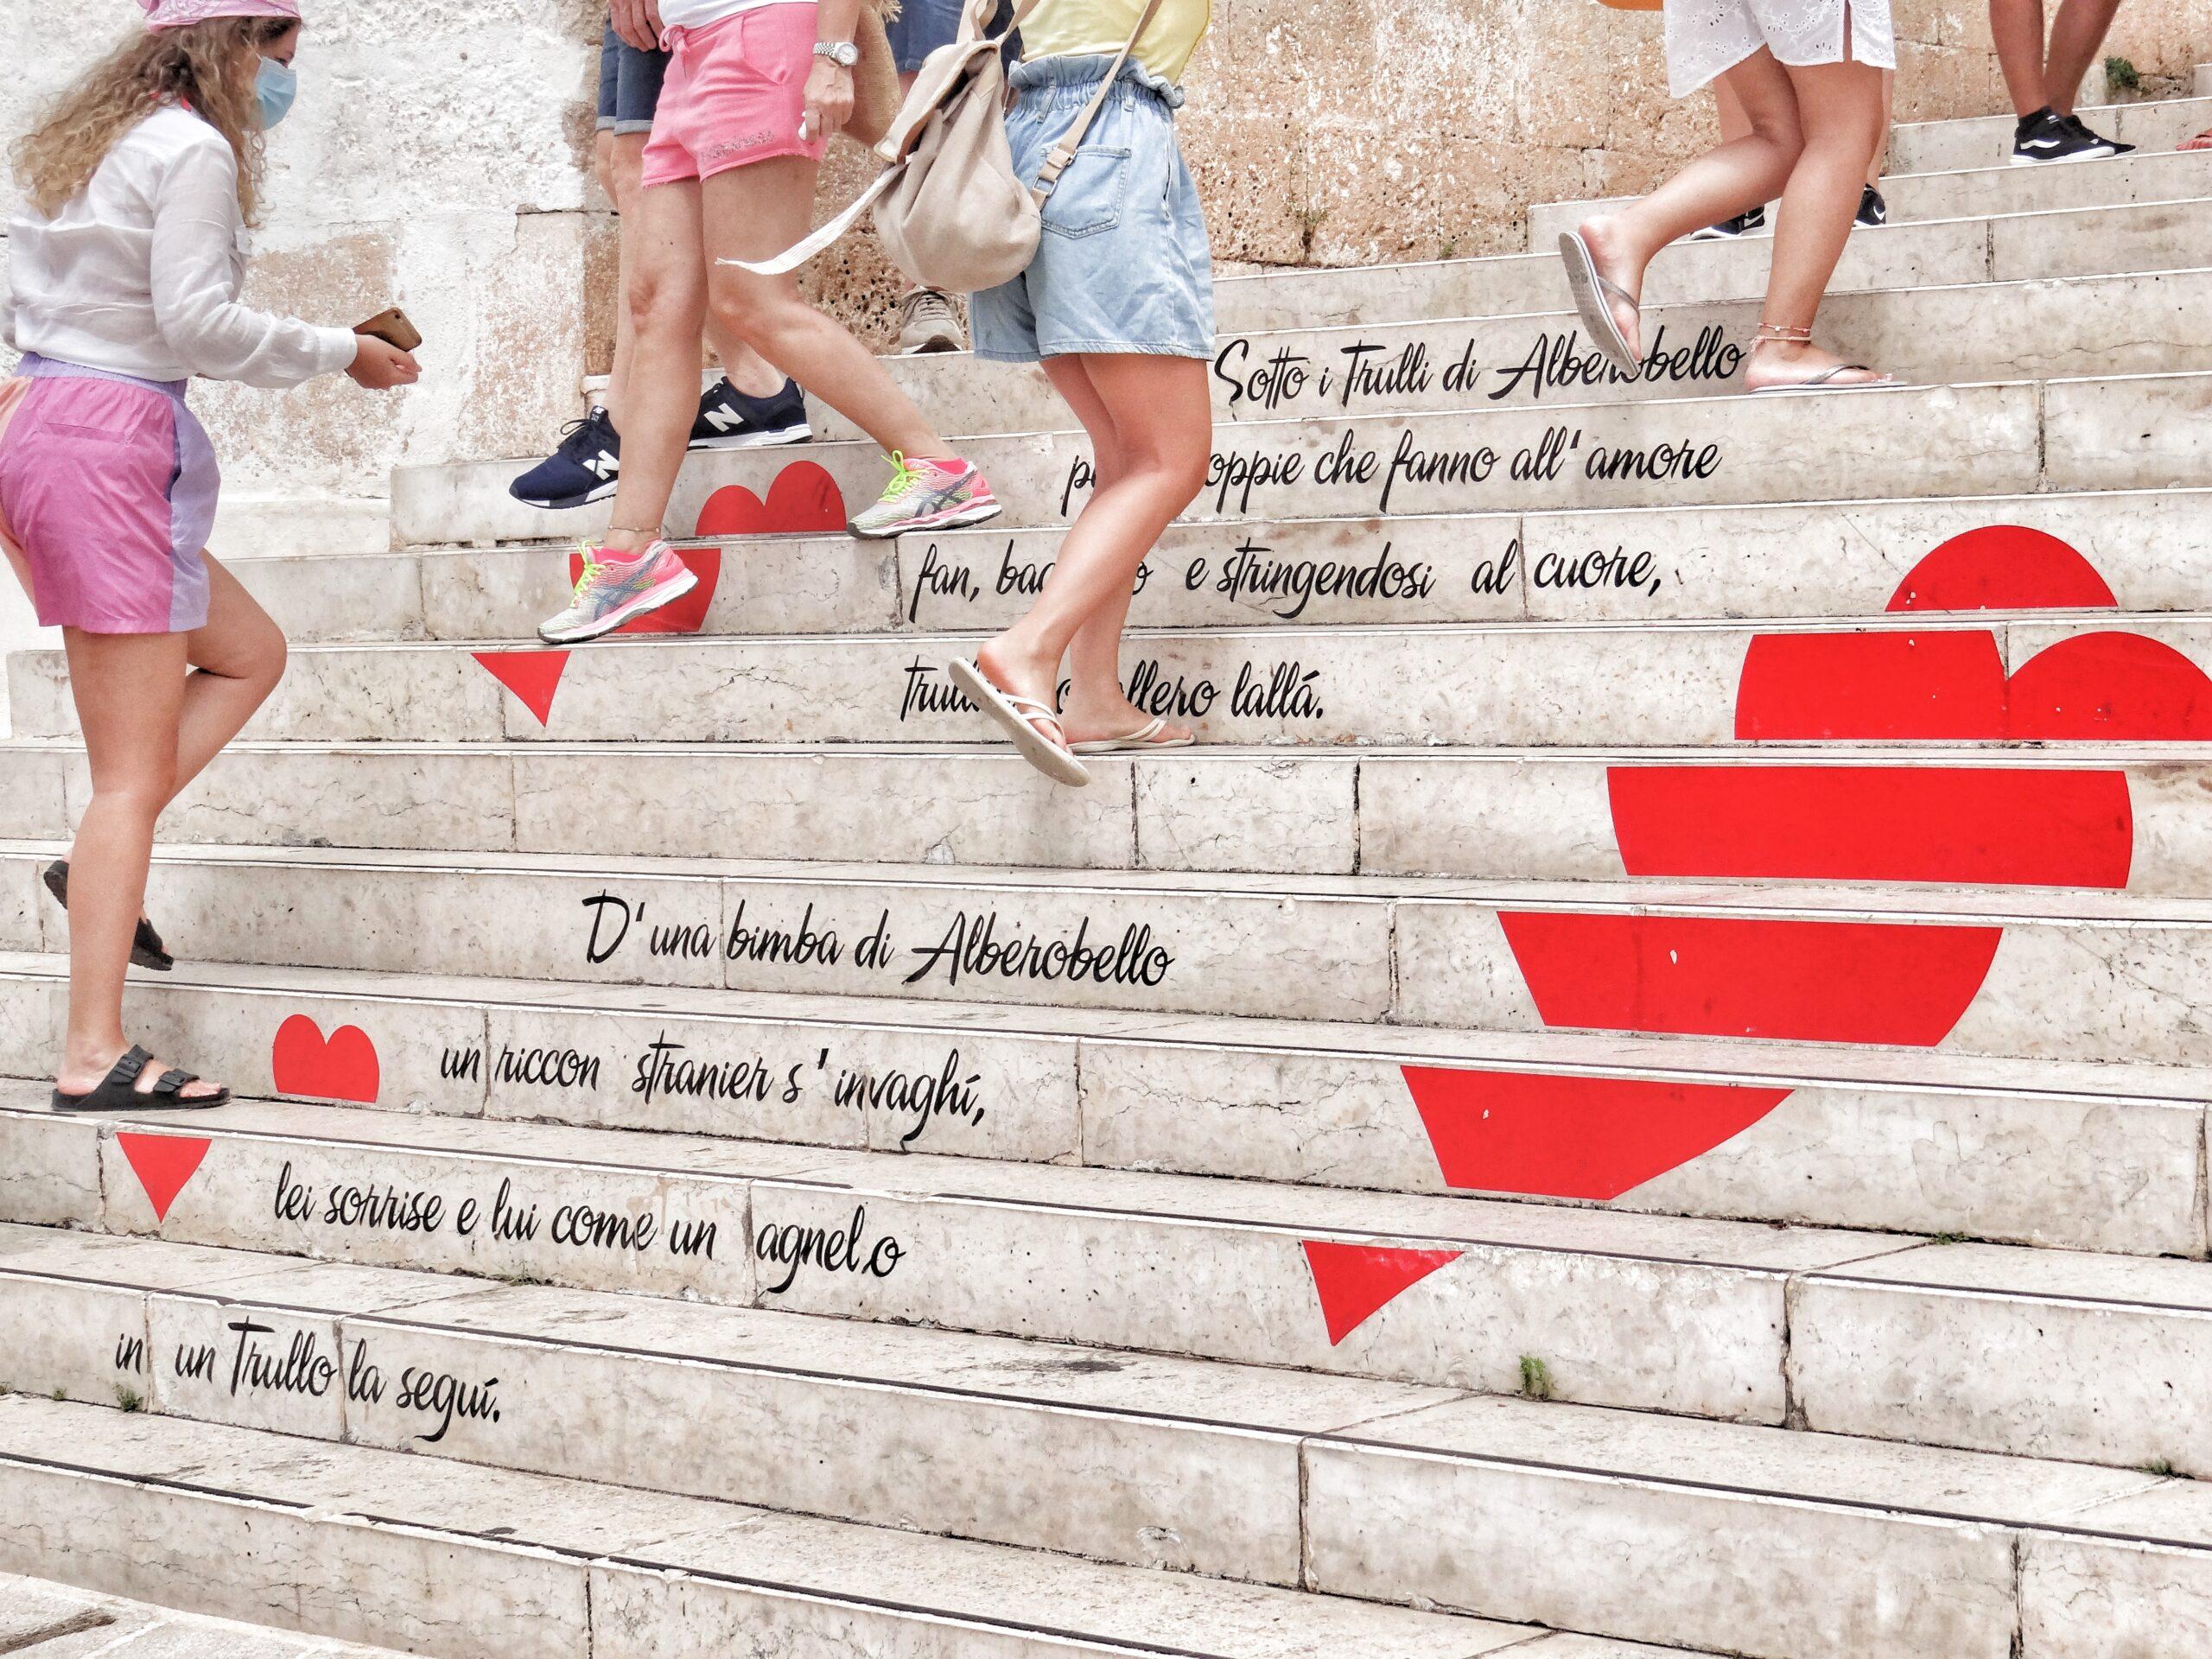 Alberobello is Puglia's most visited destination